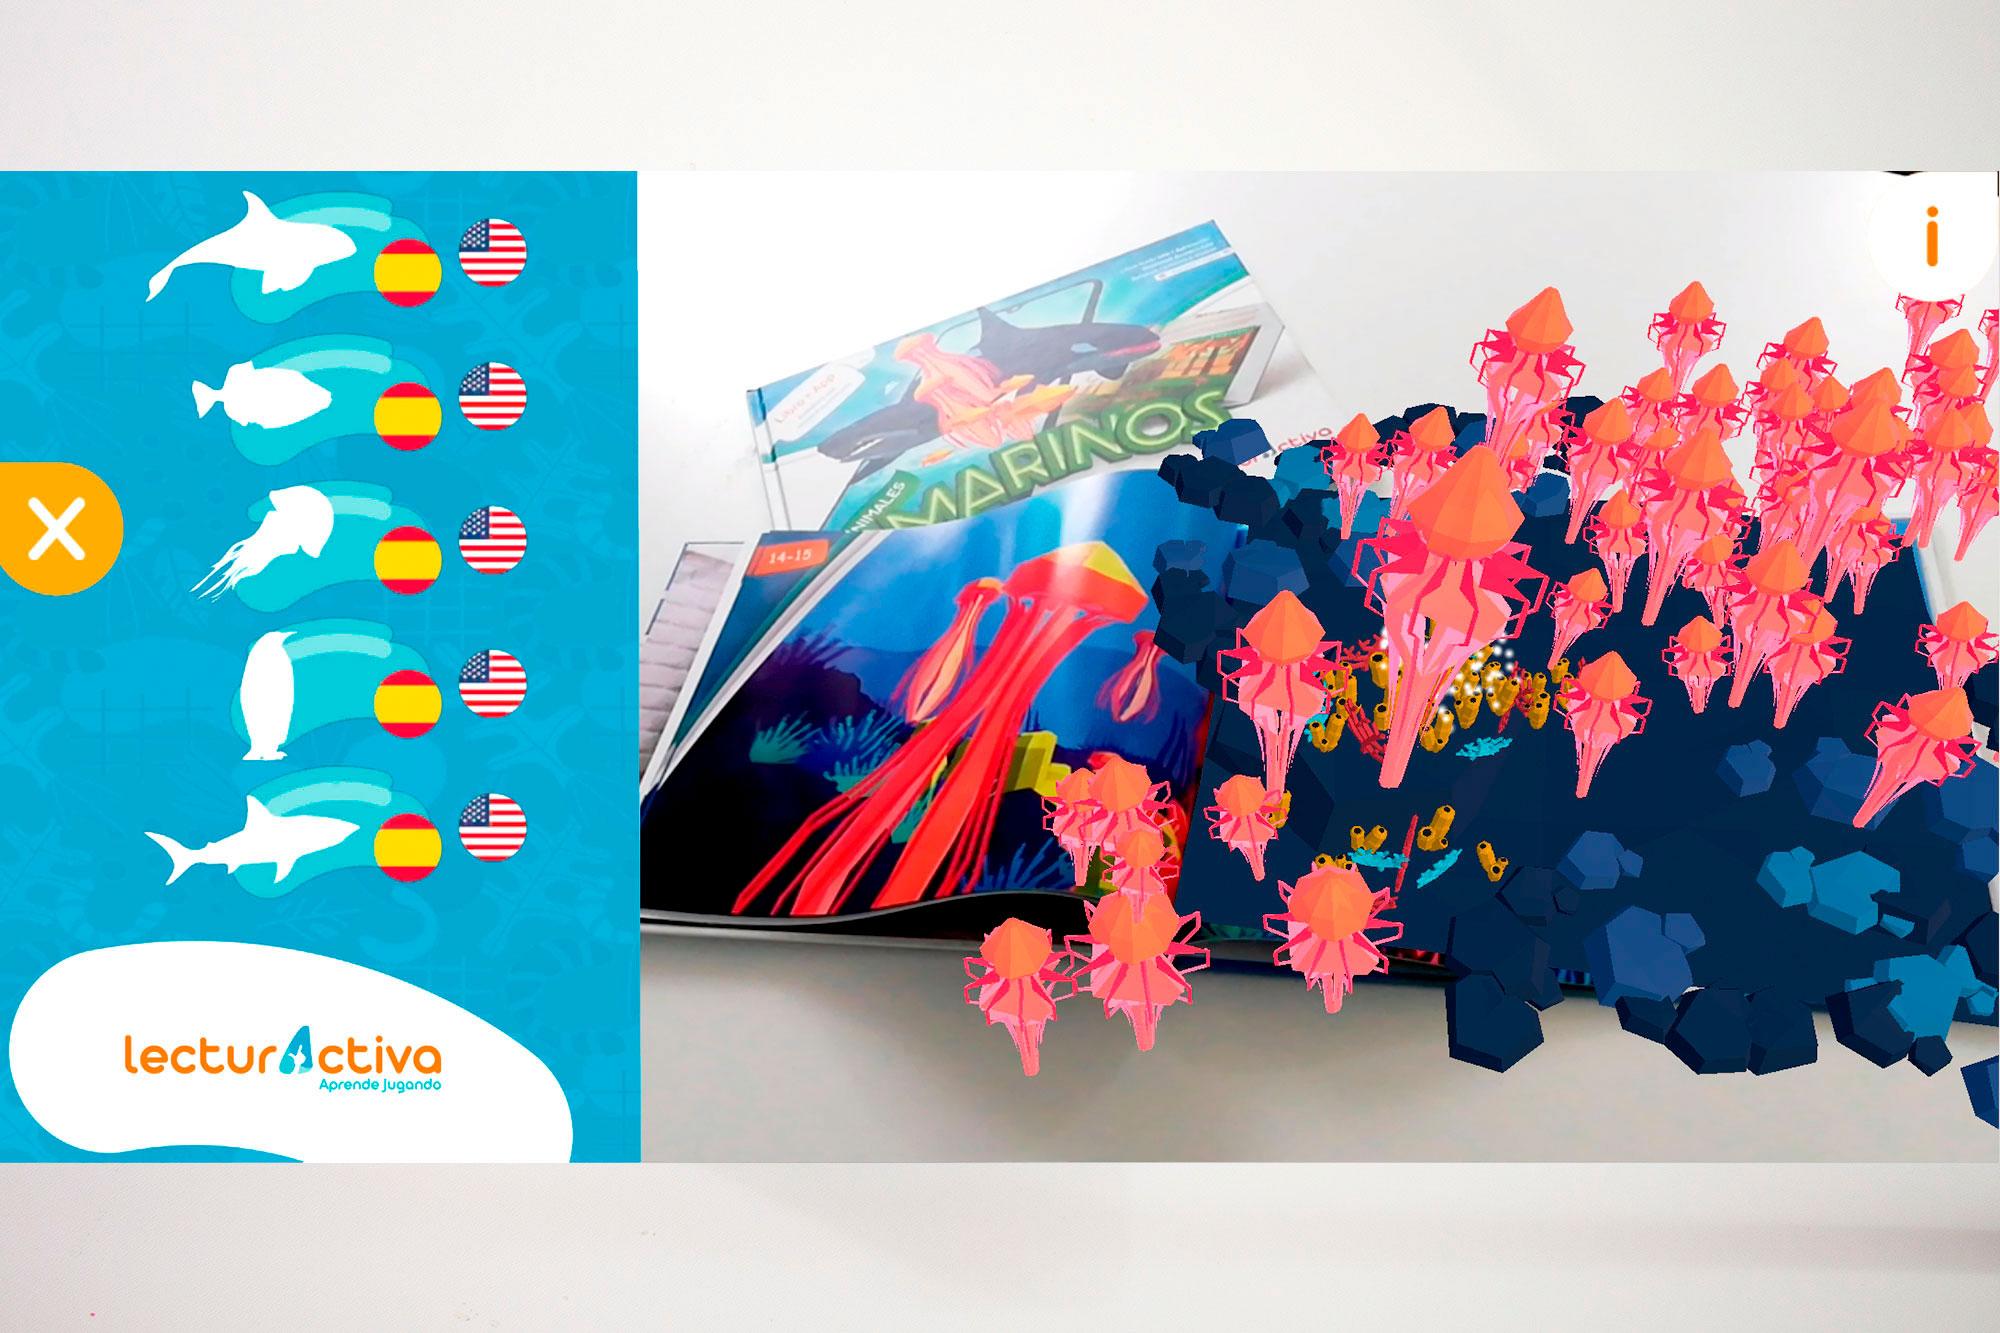 libros interactivos bilingues para niños y jovenes 6